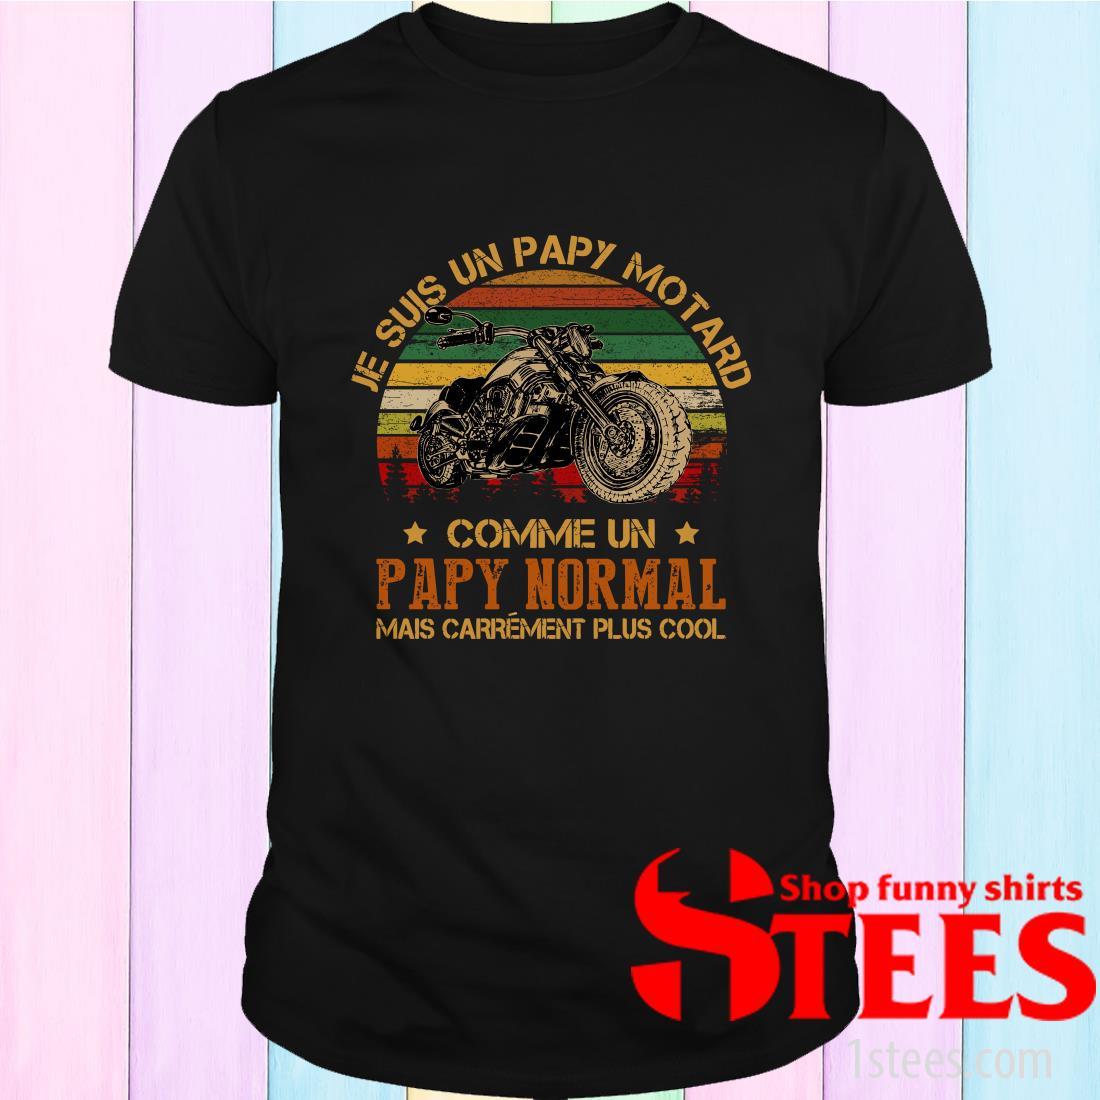 Je suis Un Papy Motard comme Un Papy Normal mais carrément Plus Cool Shirt